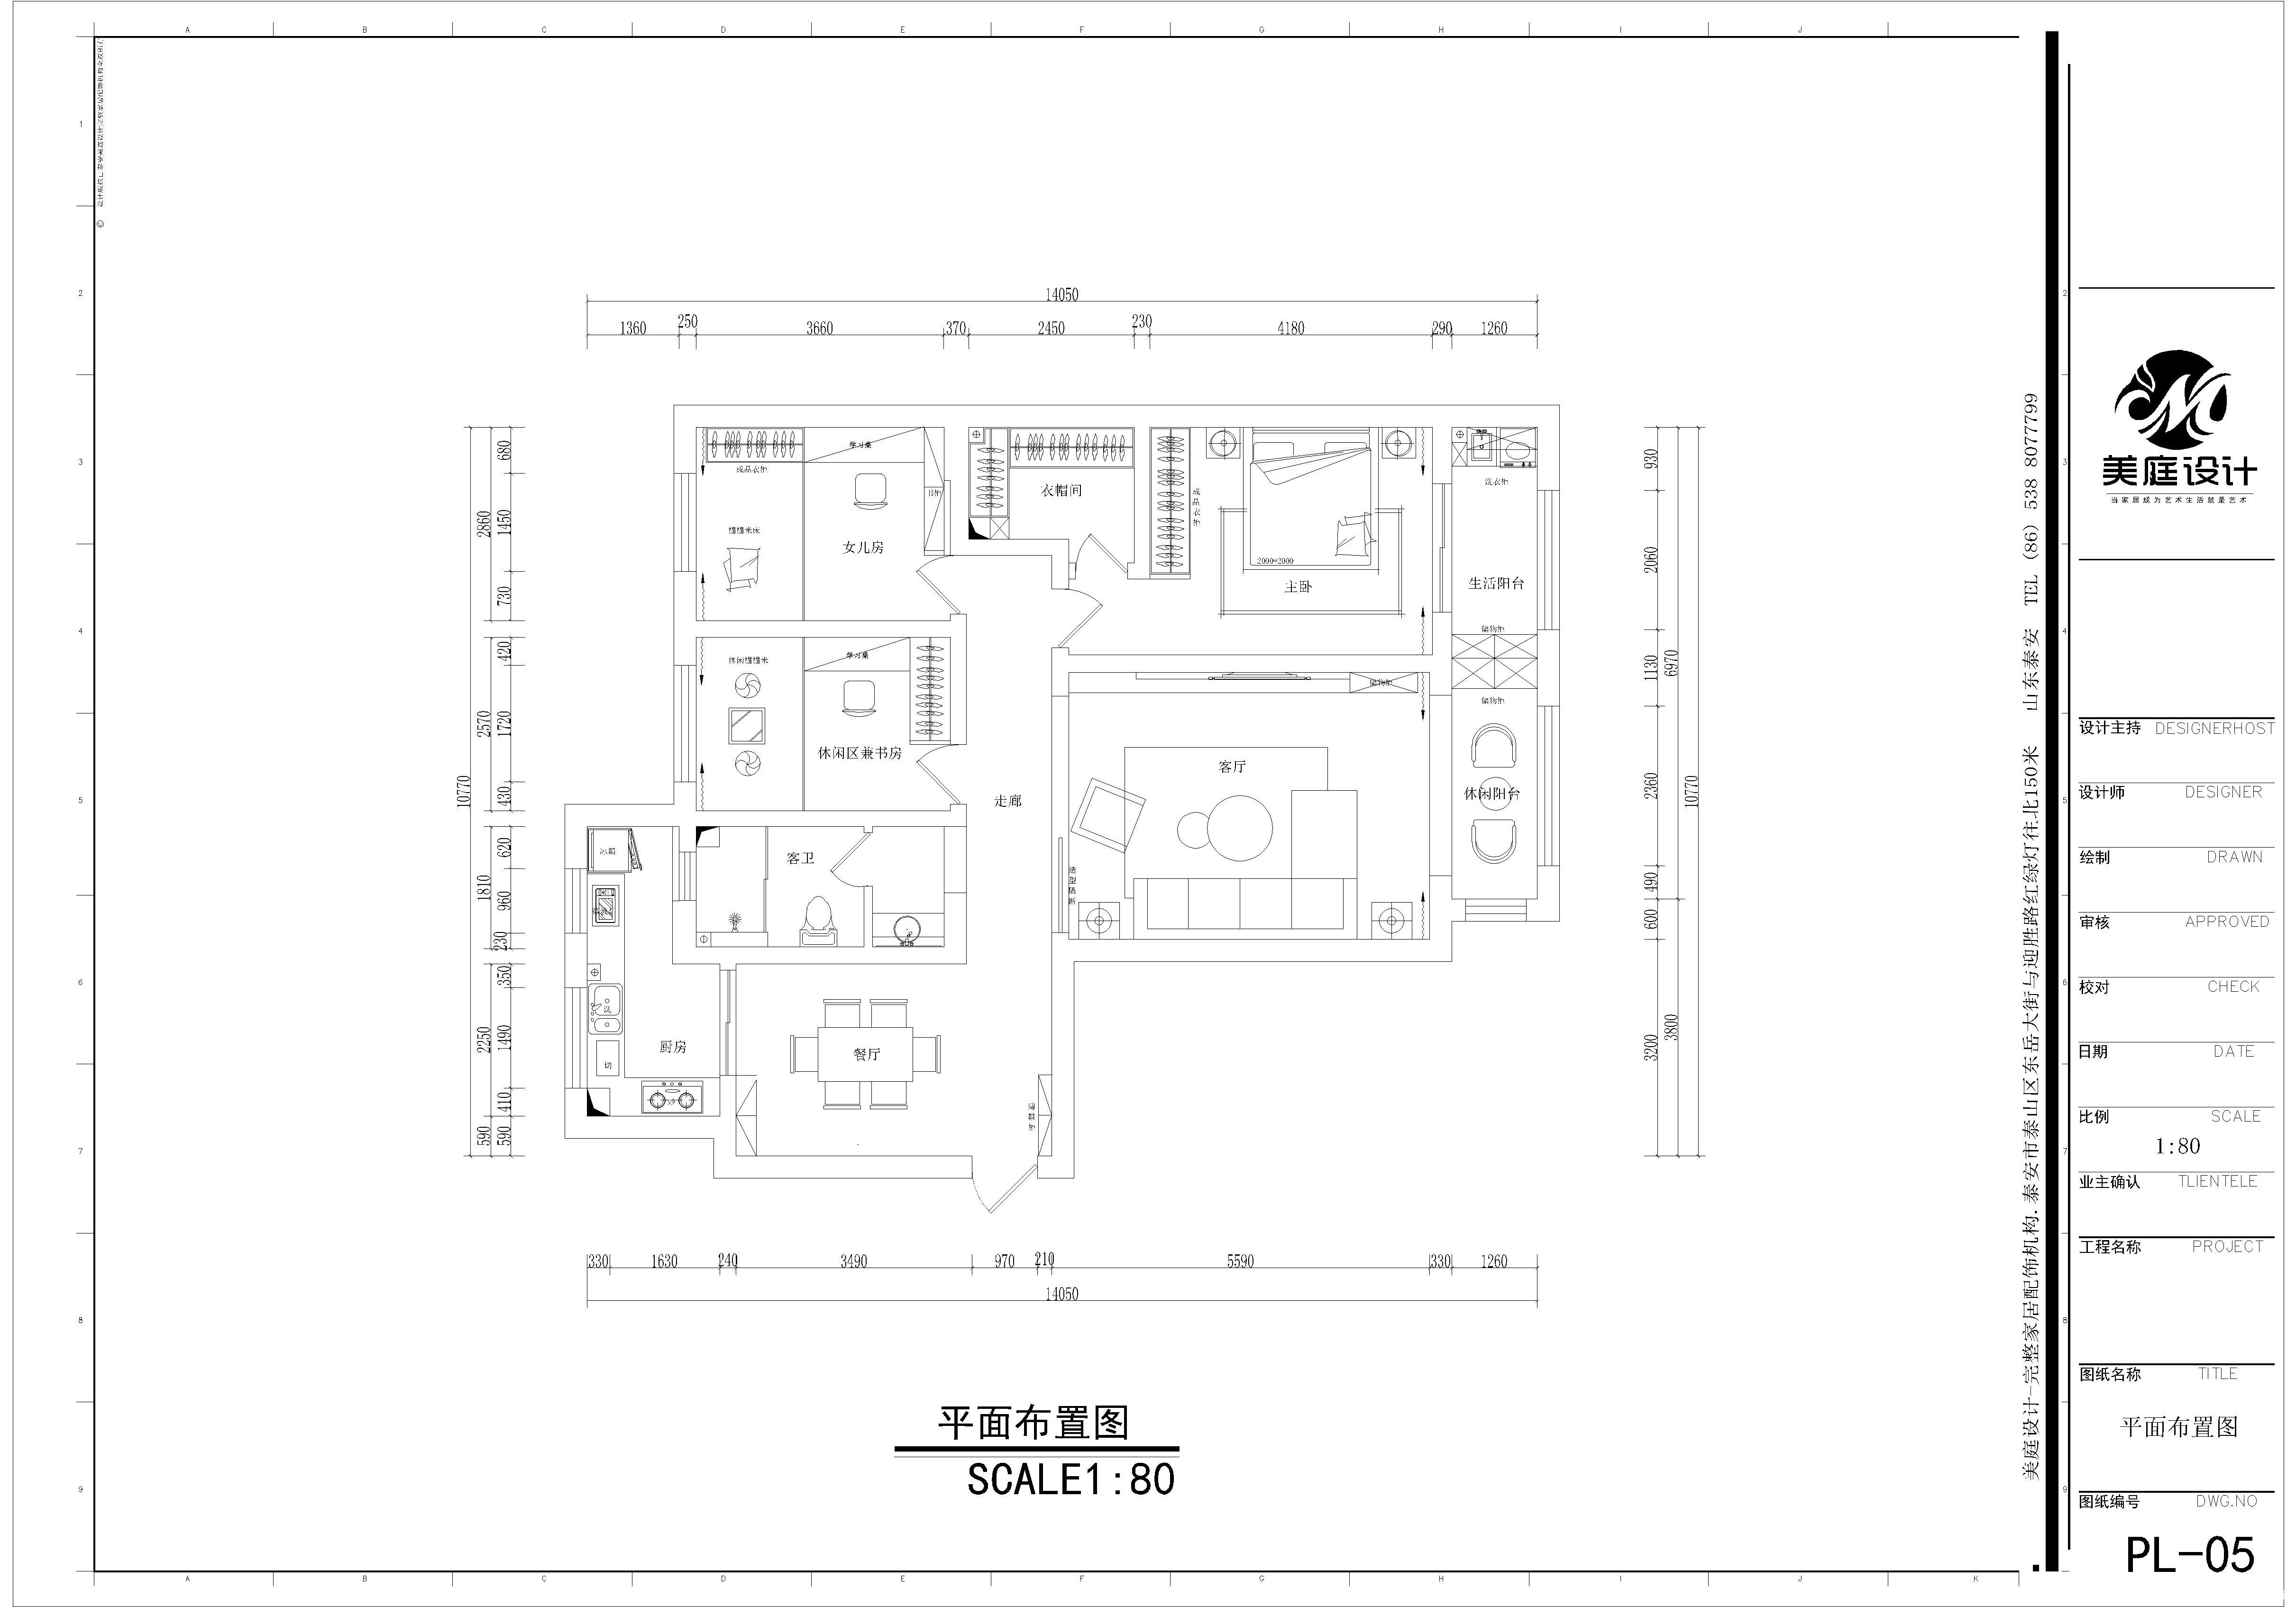 康平施工图(平面)2007-施工图.jpg